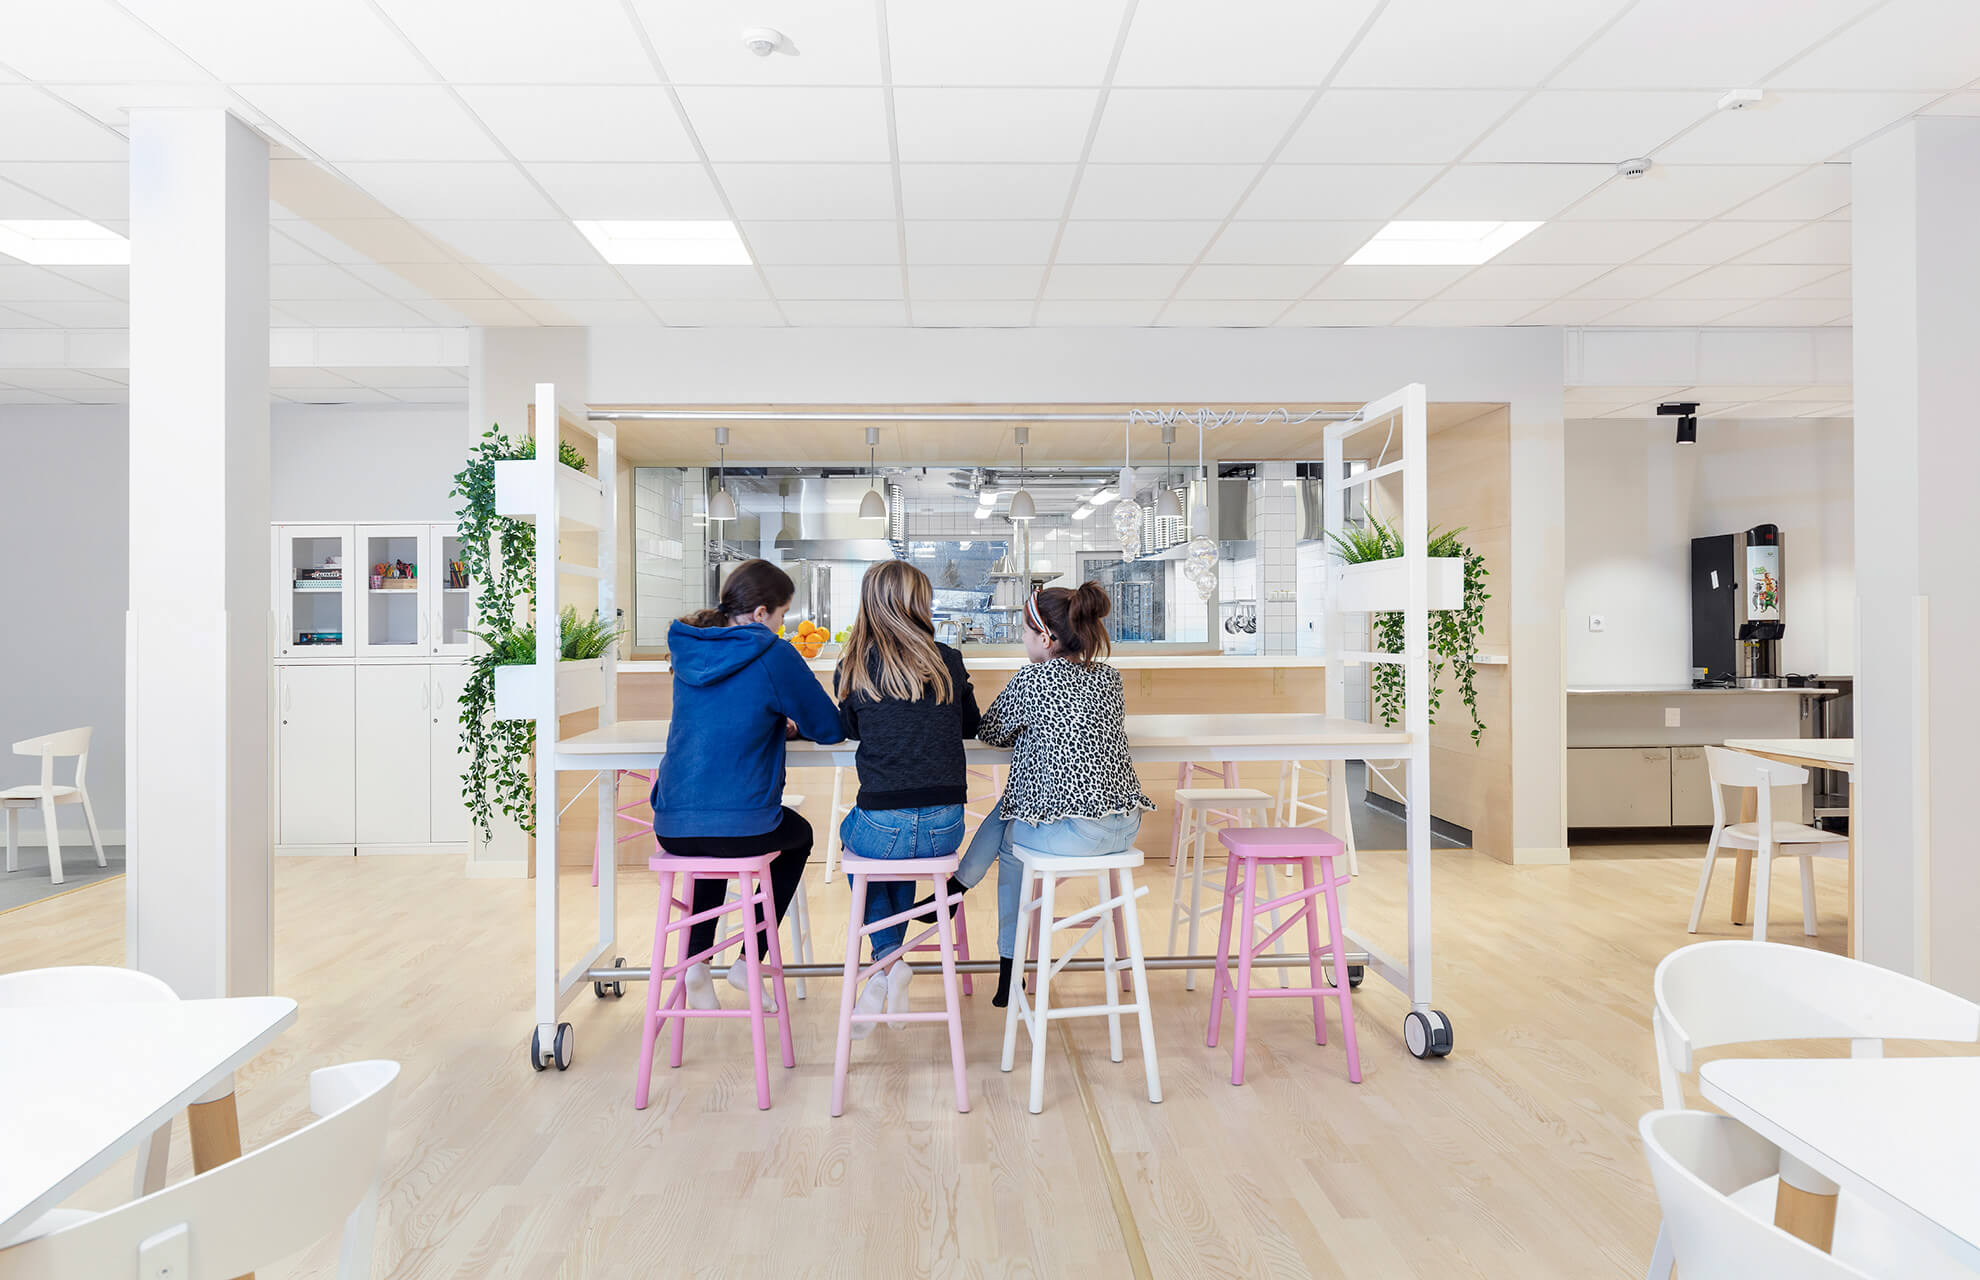 Interiör, matsal - fotograf: Johan Alfredsson, Kinnarps